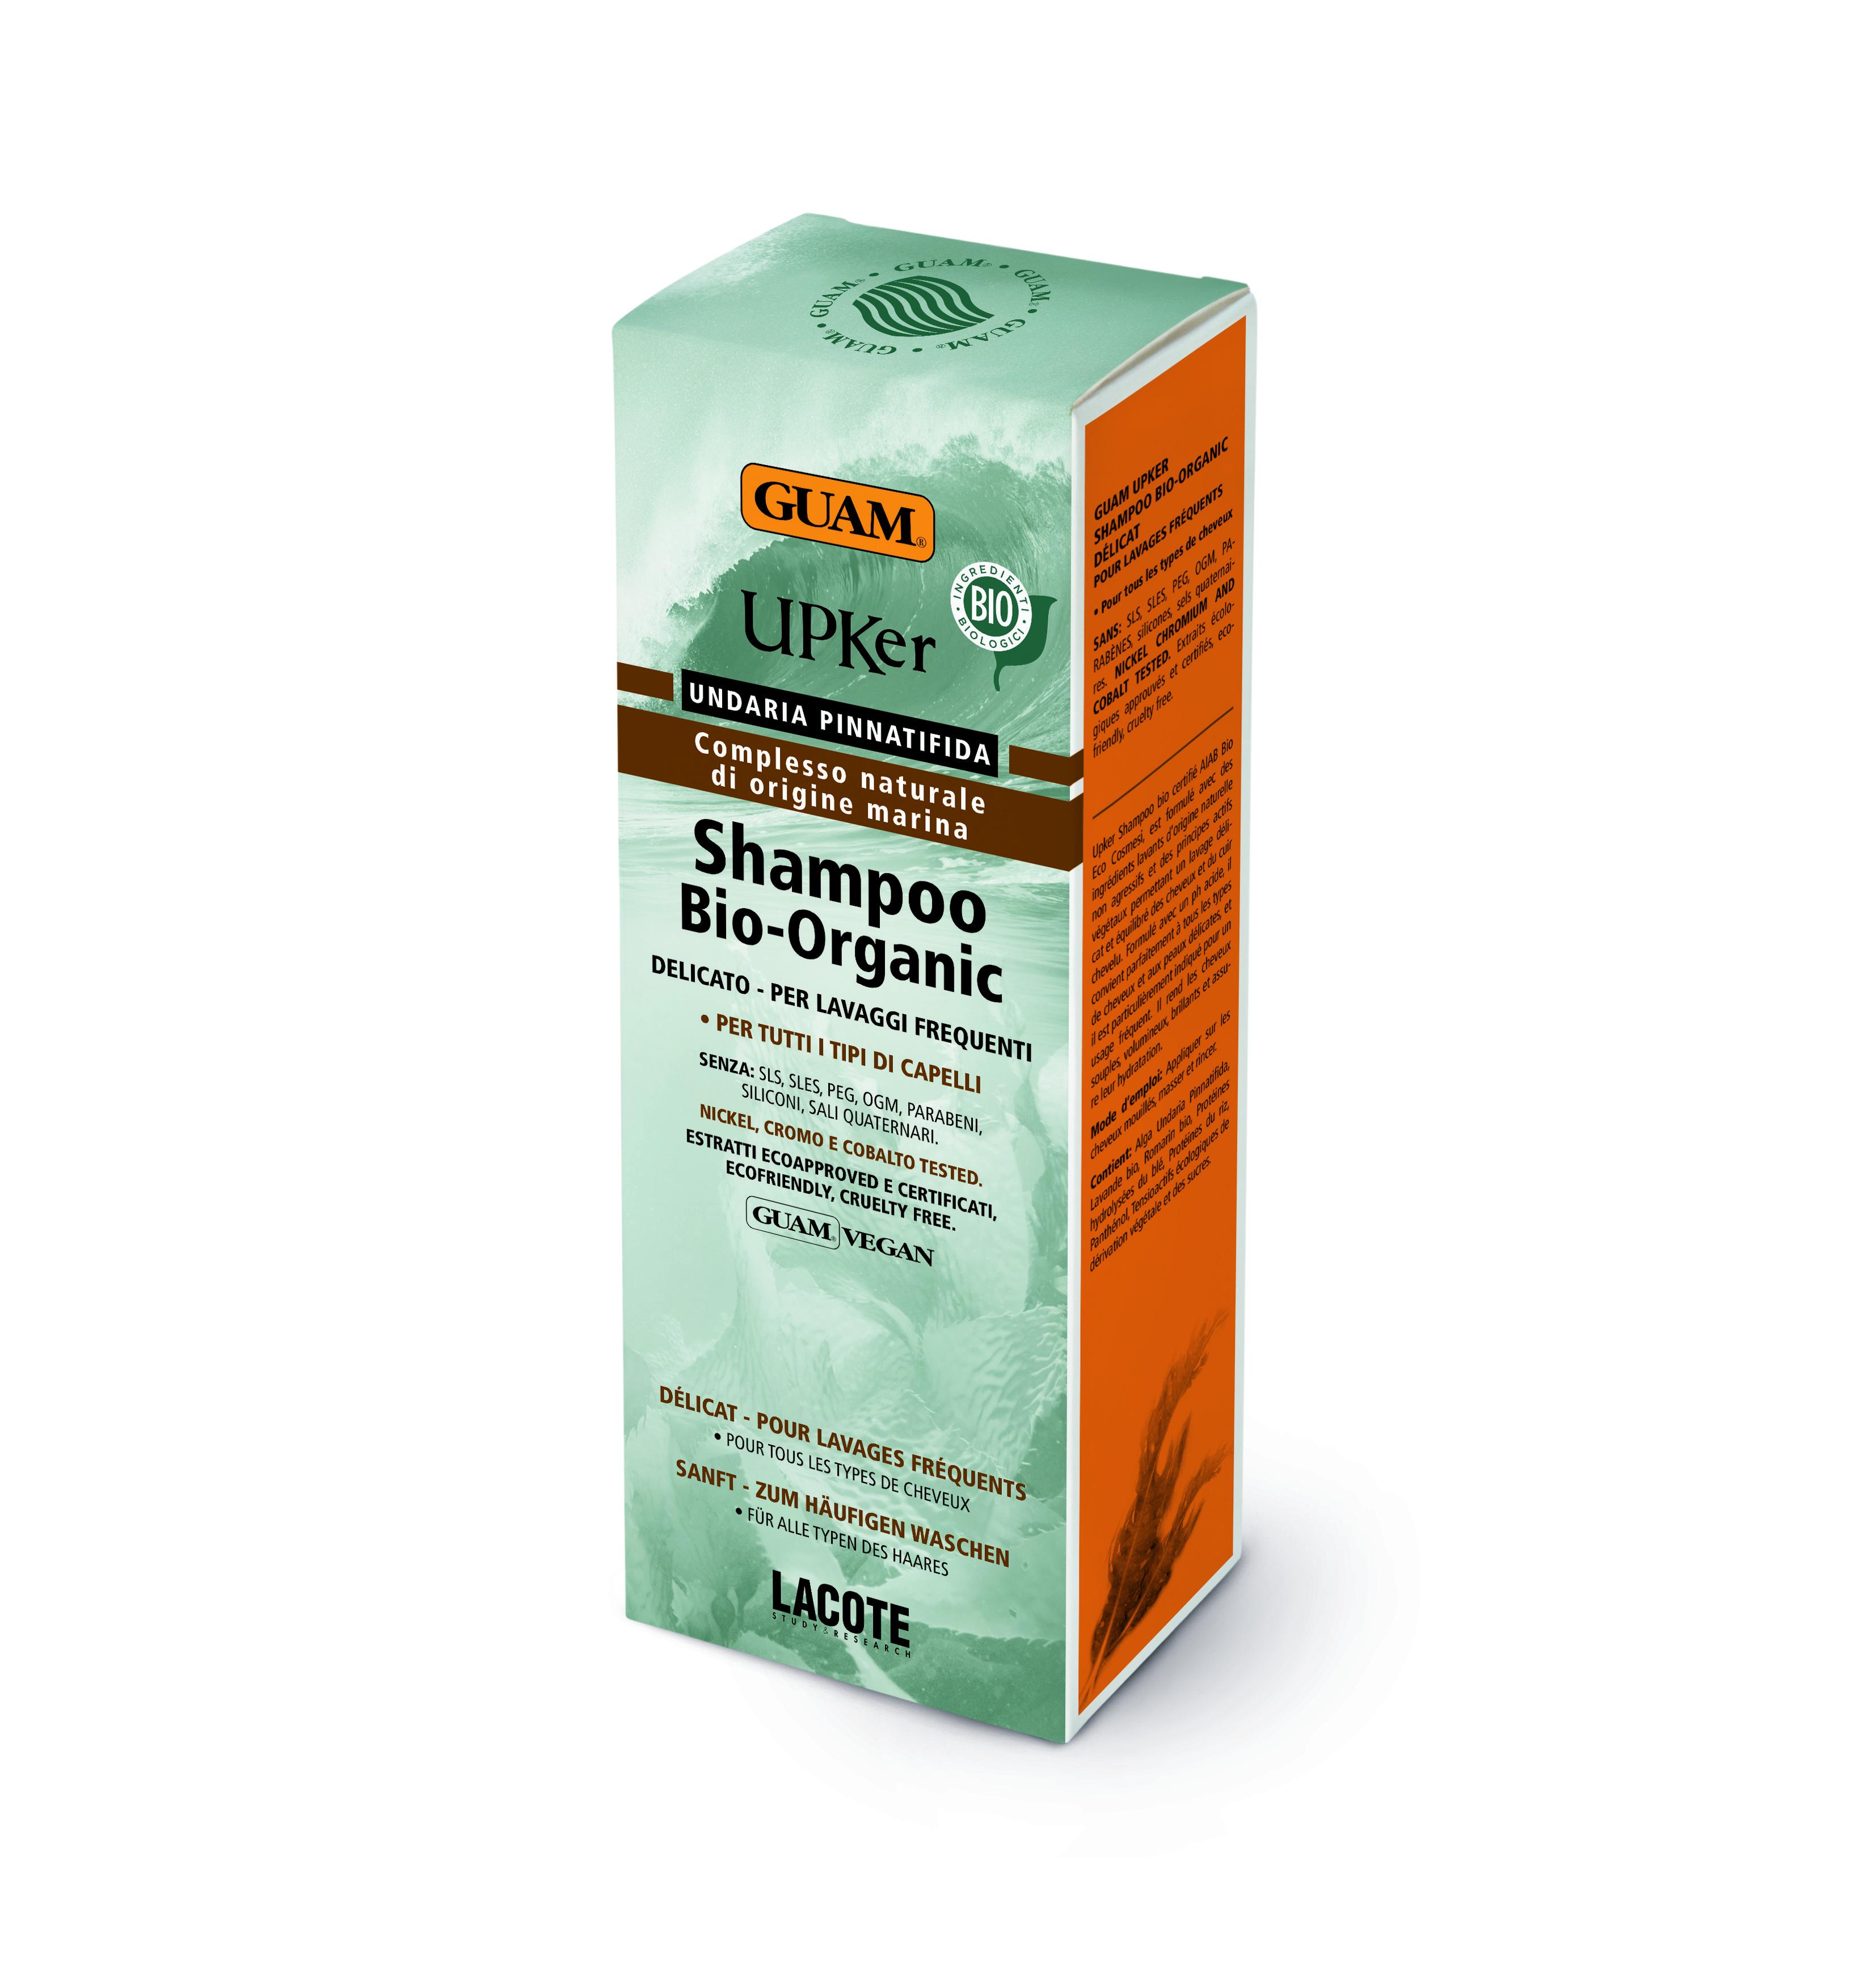 GUAM Шампунь деликатный БИОорганический 200 мл / UPKER GUAM Shampoo Bio-Organic DelicatoШампуни<br>ШАМПУНЬ ДЕЛИКАТНЫЙ БИООРГАНИЧЕСКИЙ имеет специальный экологический сертификат AIAB Bio Eco Cosmesi, который подтверждает, что все ингредиенты средства исключительно природного растительного происхождения и полностью адаптивны по отношению к коже и волосам. Сбалансированный подкисленный pH шампуня деликатно очищает кожу головы и волосы и бережно ухаживает за ними. Рекомендуется для всех типов волос, особенно для чувствительной кожи. Активные ингредиенты: ЭКСТРАКТ ВОДОРОСЛИ UNDARIA PINNATIFIDA, ОРГАНИЧЕСКИЕ ЭКСТРАКТЫ ЛАВАНДЫ, РОЗМАРИНА, СОК АЛОЭ, ГИДРОЛИЗОВАННЫЙ ПРОТЕИН ПШЕНИЦЫ, ГИДРОЛИЗОВАННЫЙ БЕЛОК РИСА, ПАНТЕНОЛ.<br><br>Вид средства для волос: Очищающий<br>Тип кожи головы: Чувствительная<br>Типы волос: Для всех типов